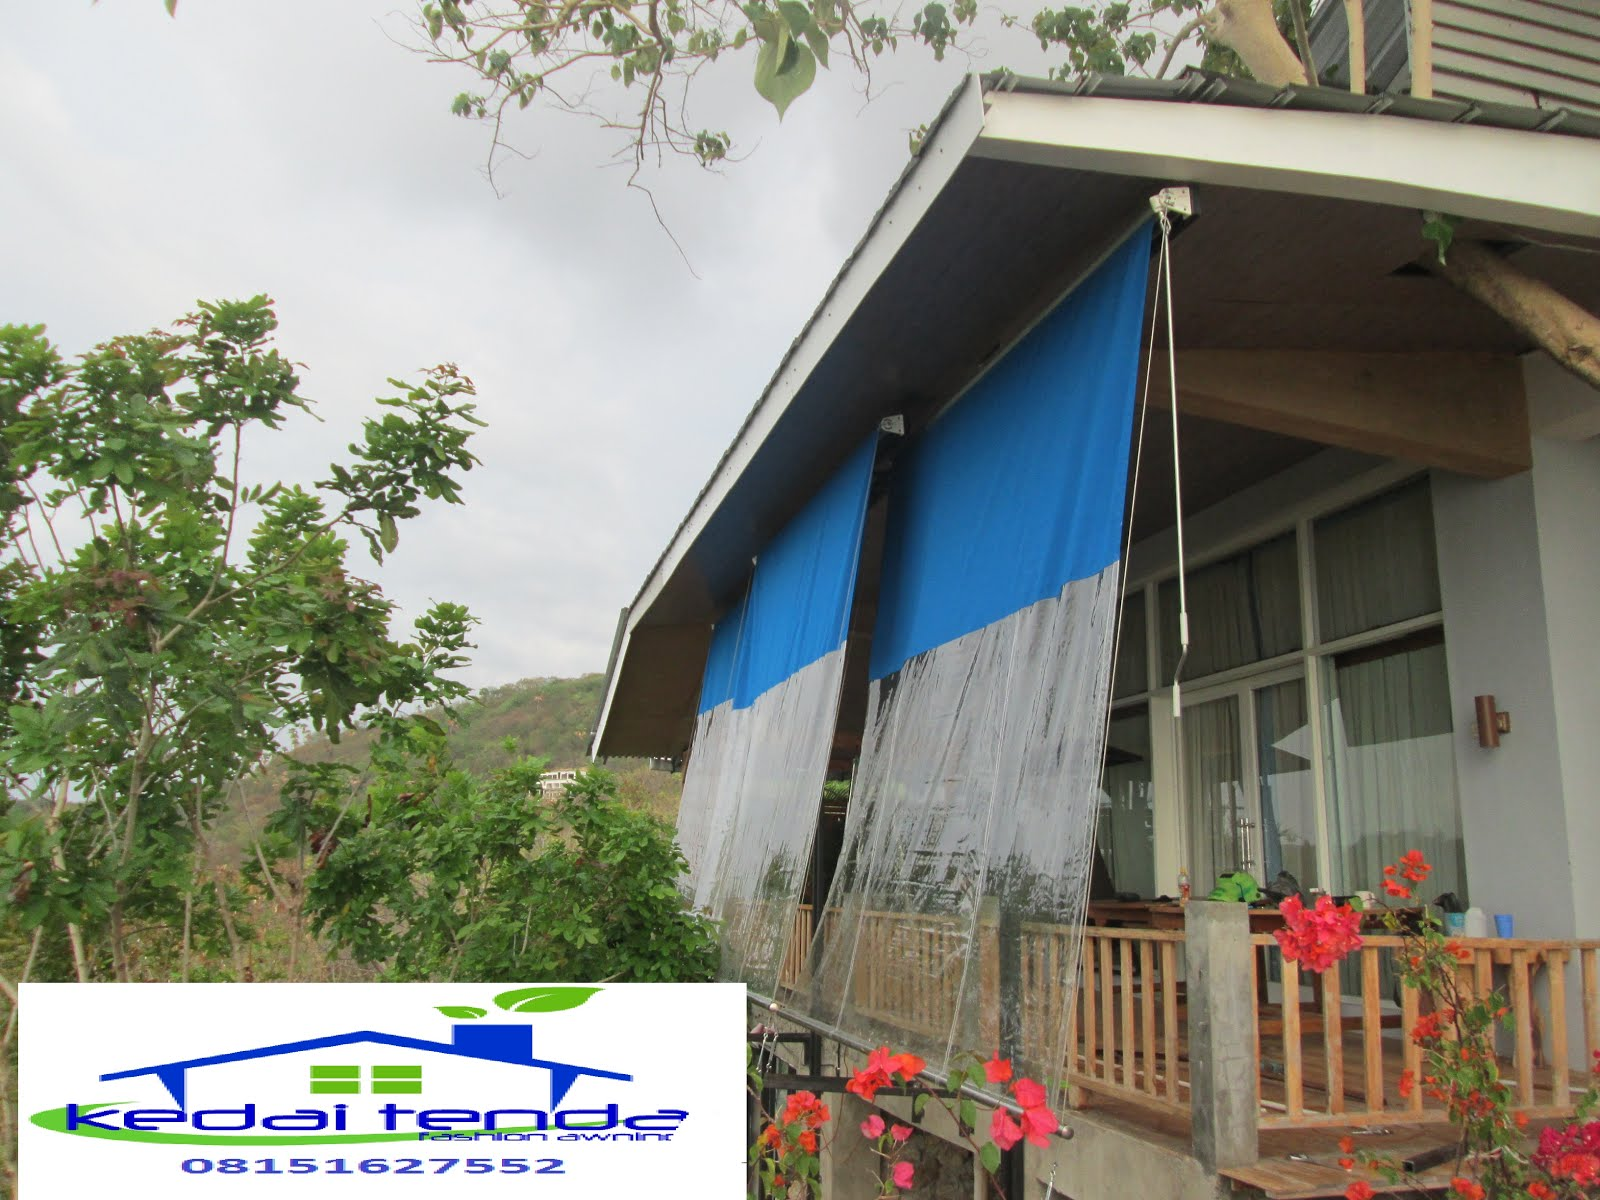 awning vertical  08151627552 ( KARSUDI )